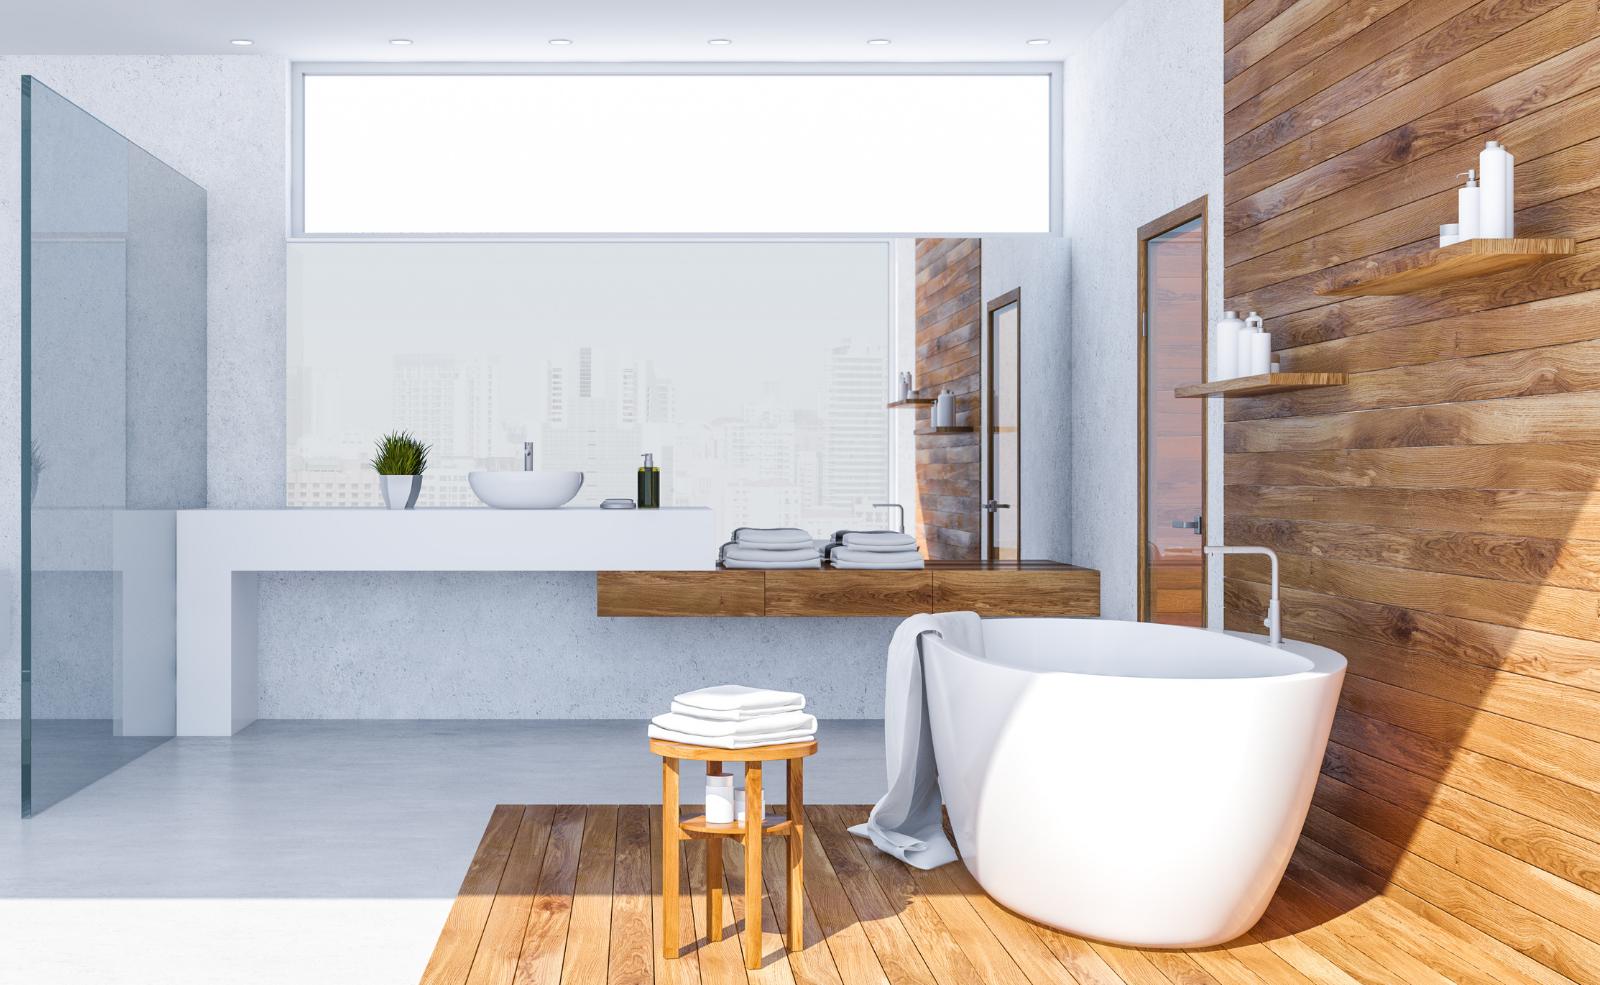 Holz kannst du sowohl für die Bad-Gestaltung, als auch für die Bad-Möbel verwenden